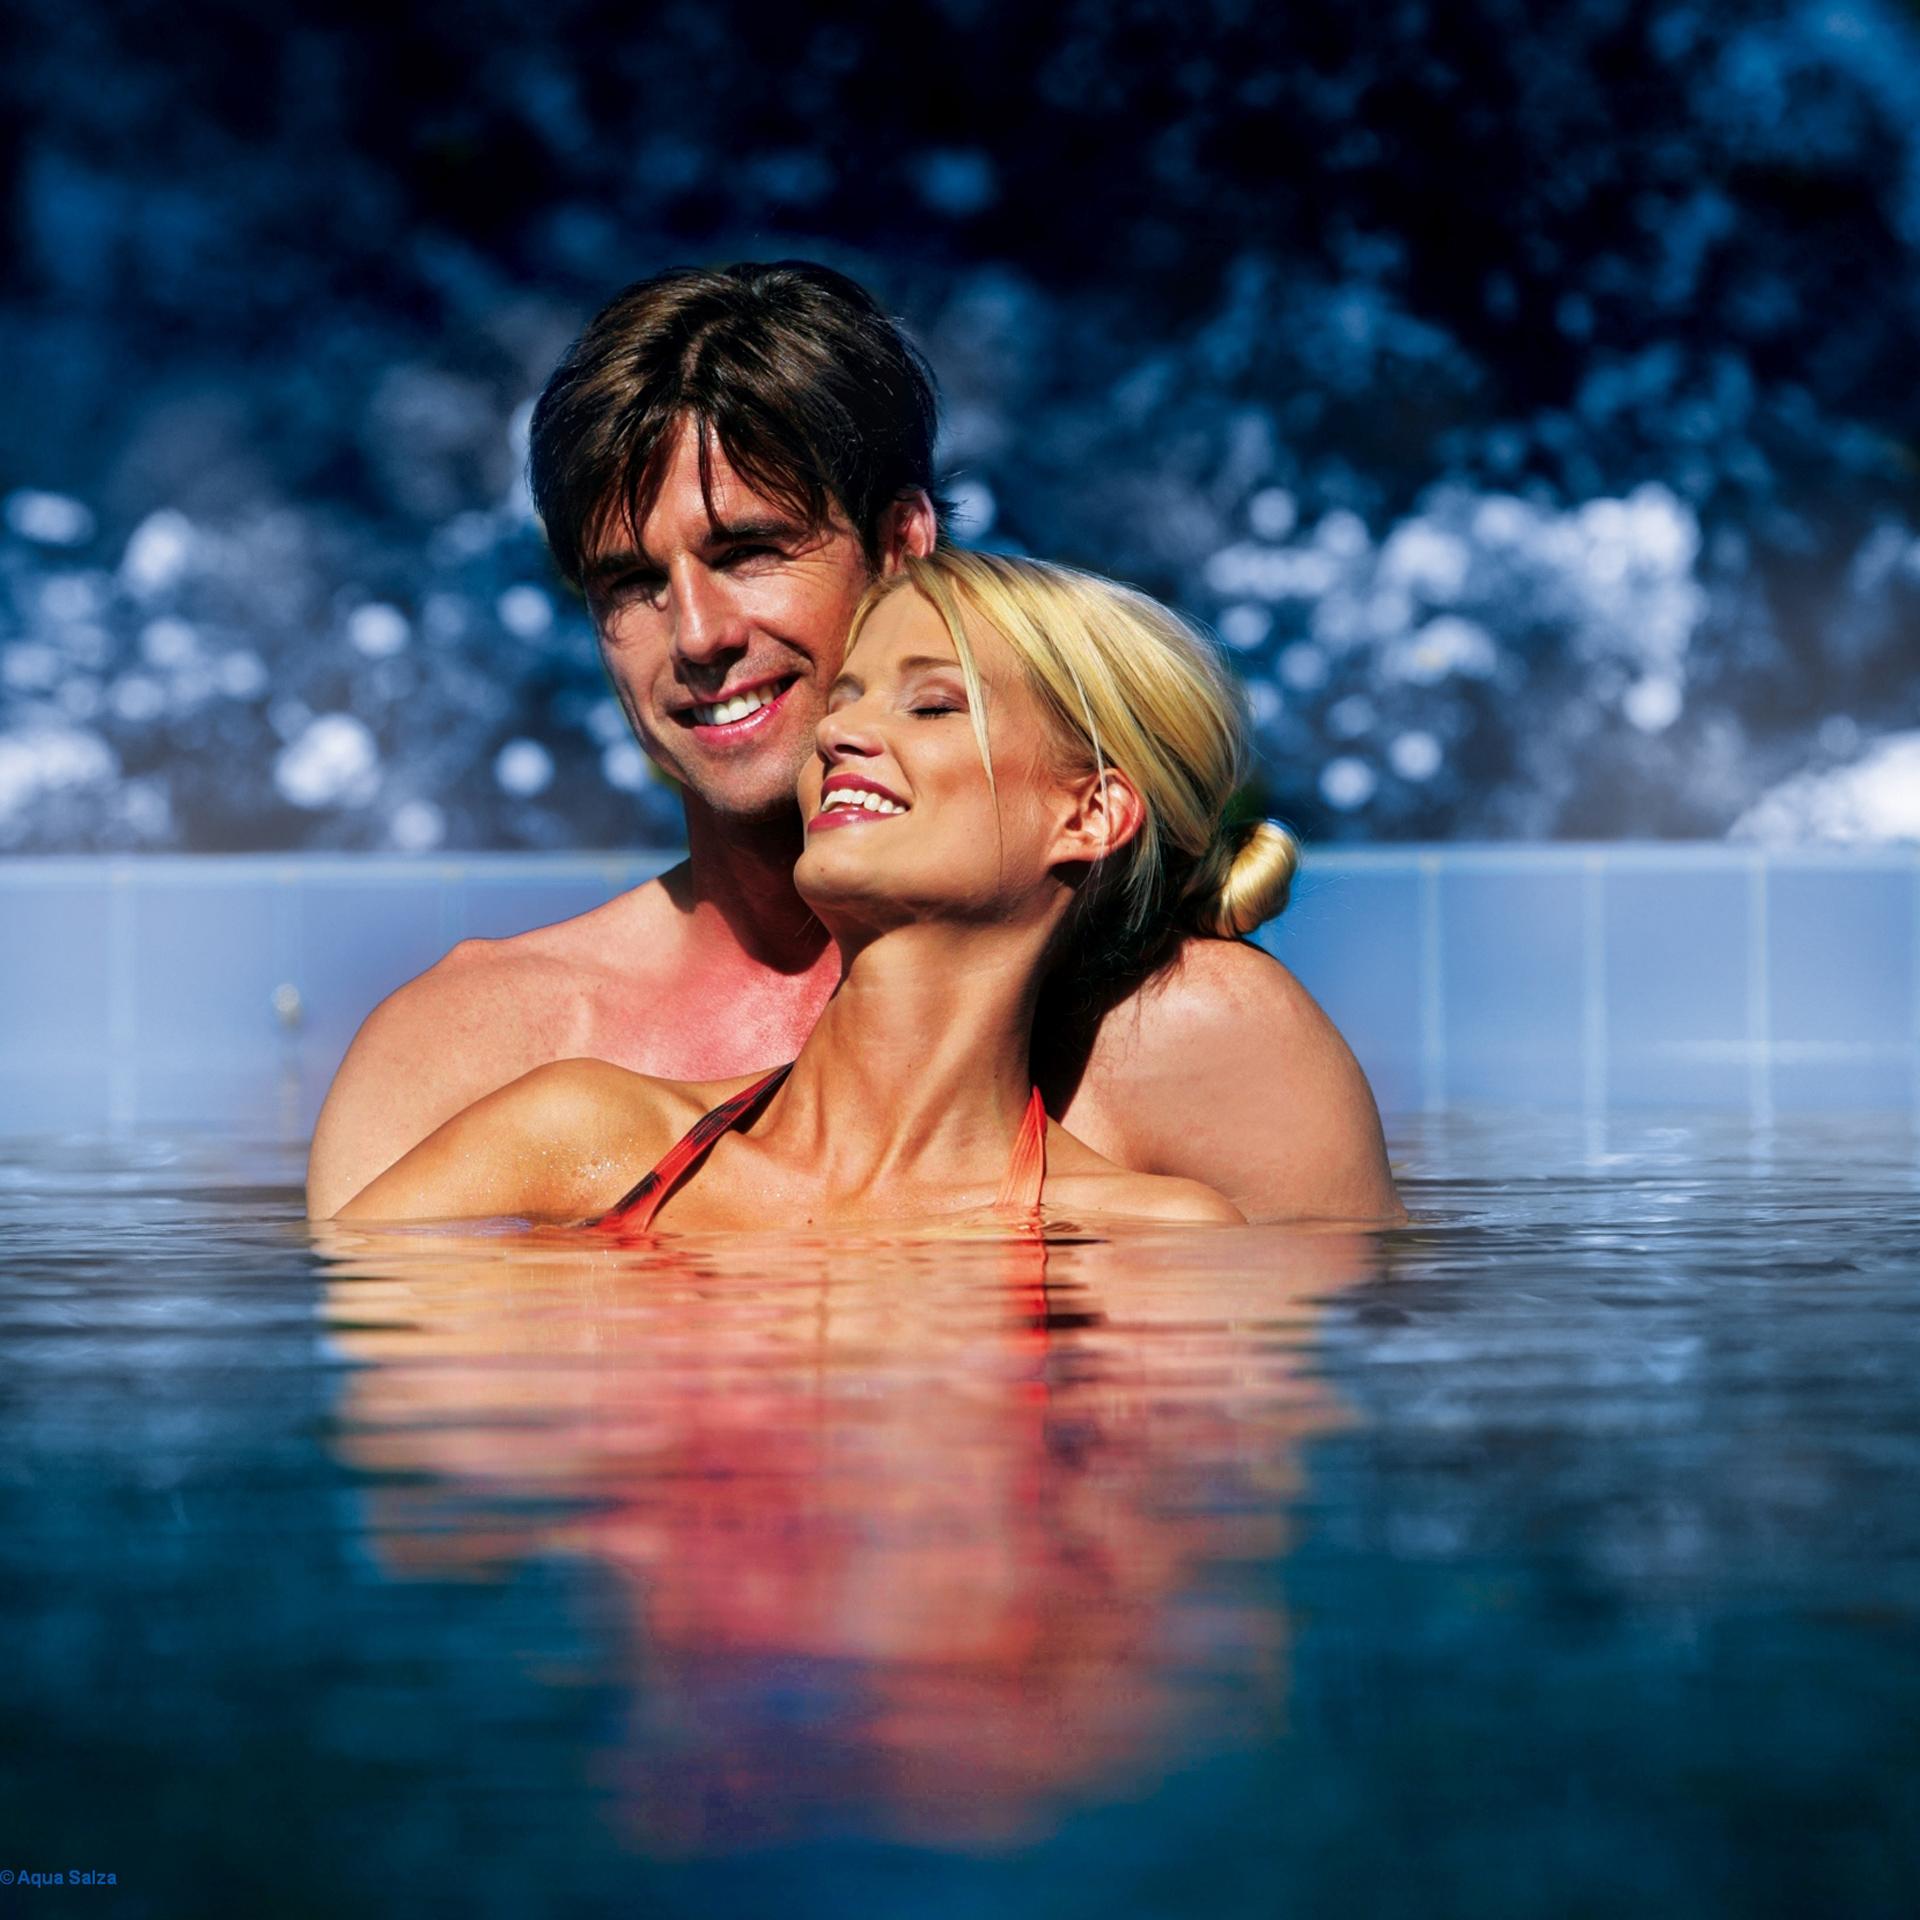 ©AquaSalza Entspannendes Thermalwasser